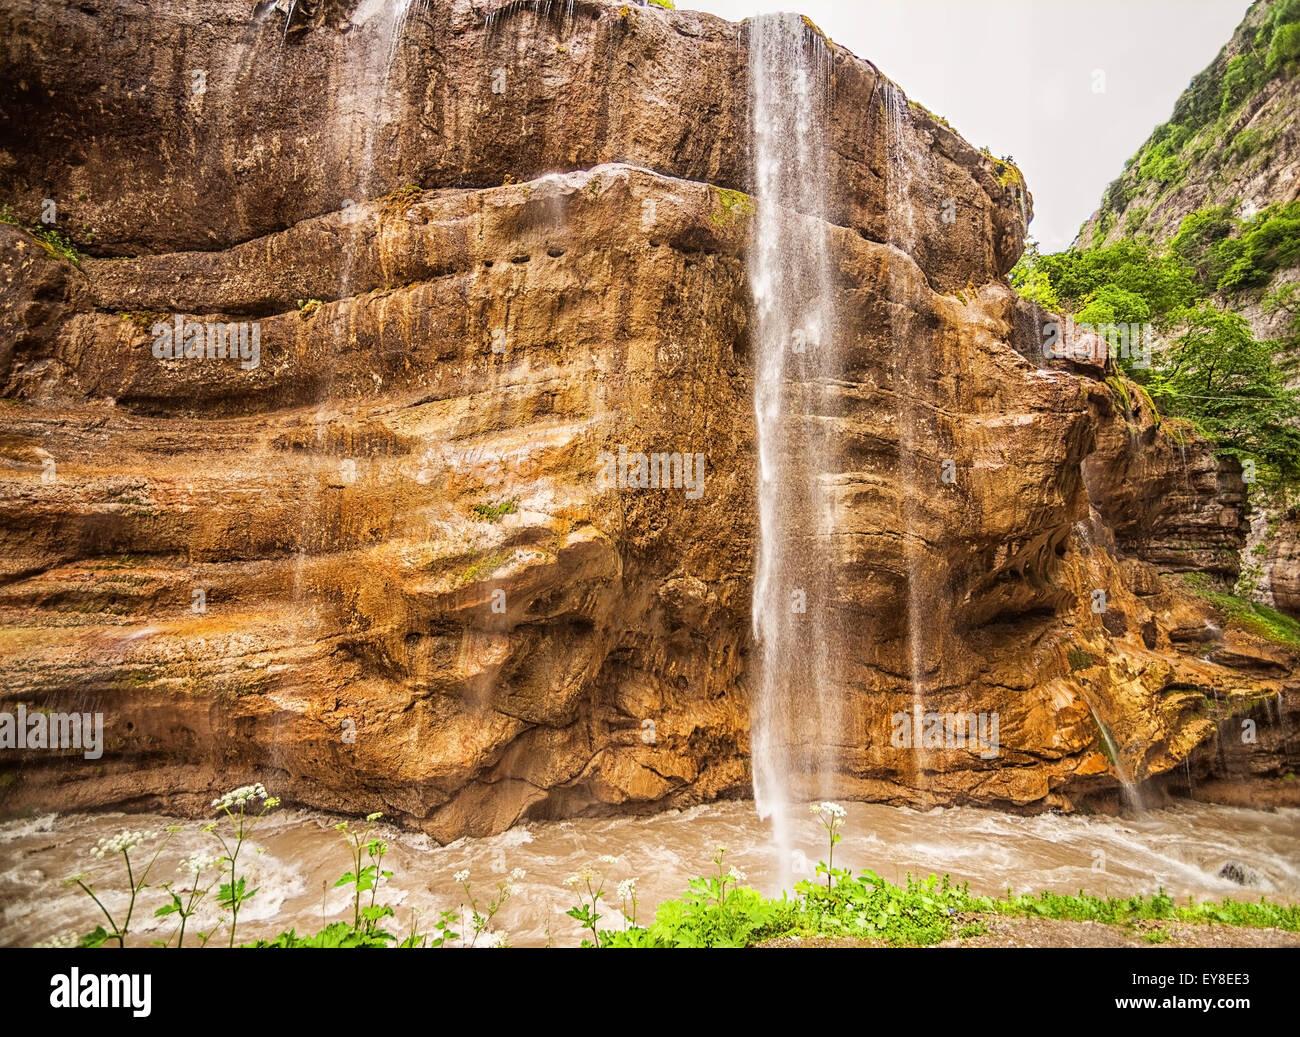 Chegem waterfalls. Chegem waterfalls (Kabardino-Balkaria), how to get there 90